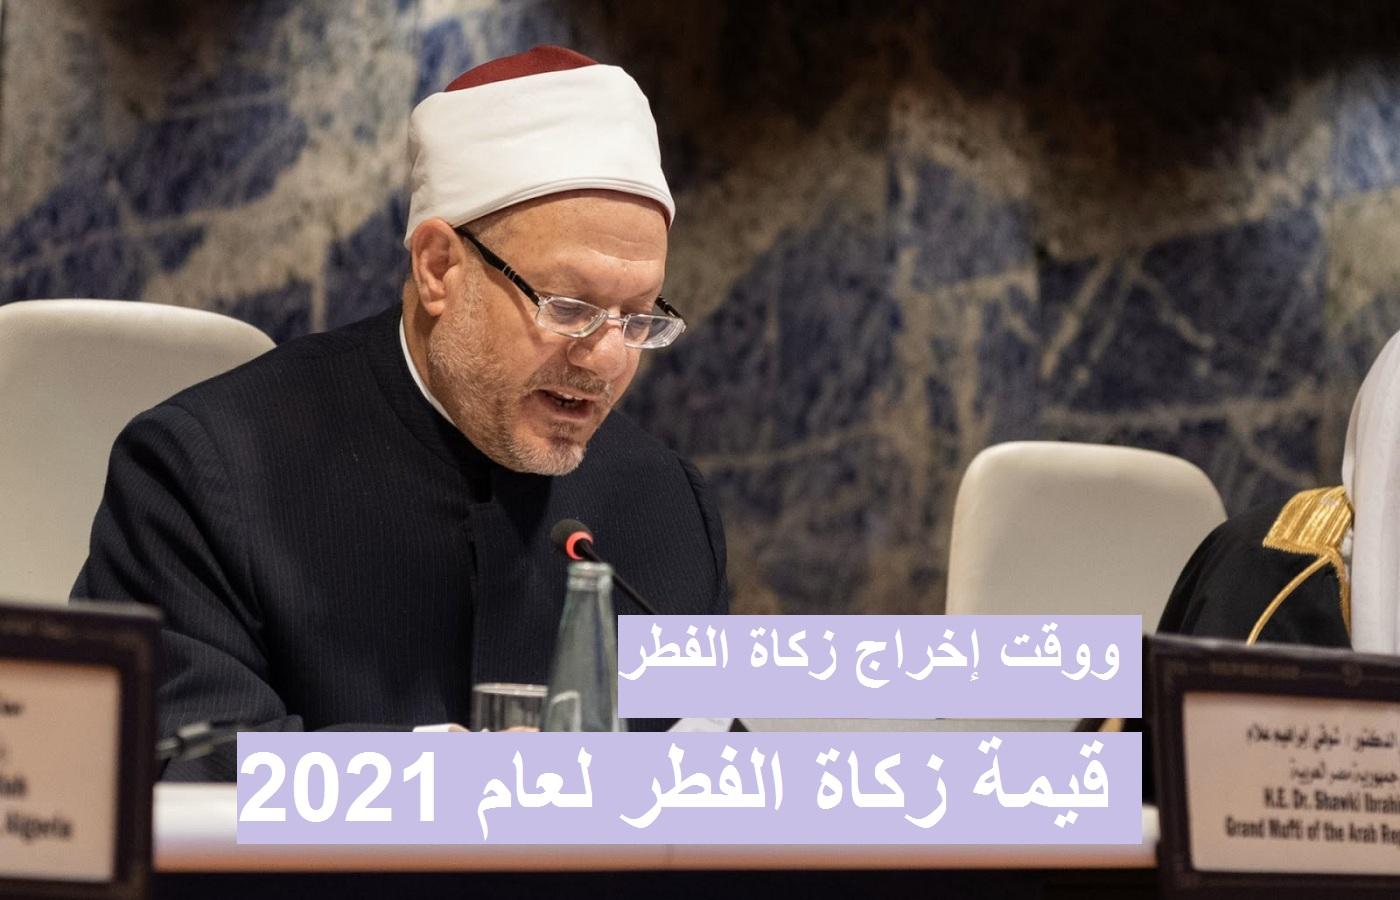 دار الإفتاء تحدد قيمة زكاة الفطر للعام الجاري 2021 وموعد إخراجها وحكم تأديتها نقوداً بدل الحبوب